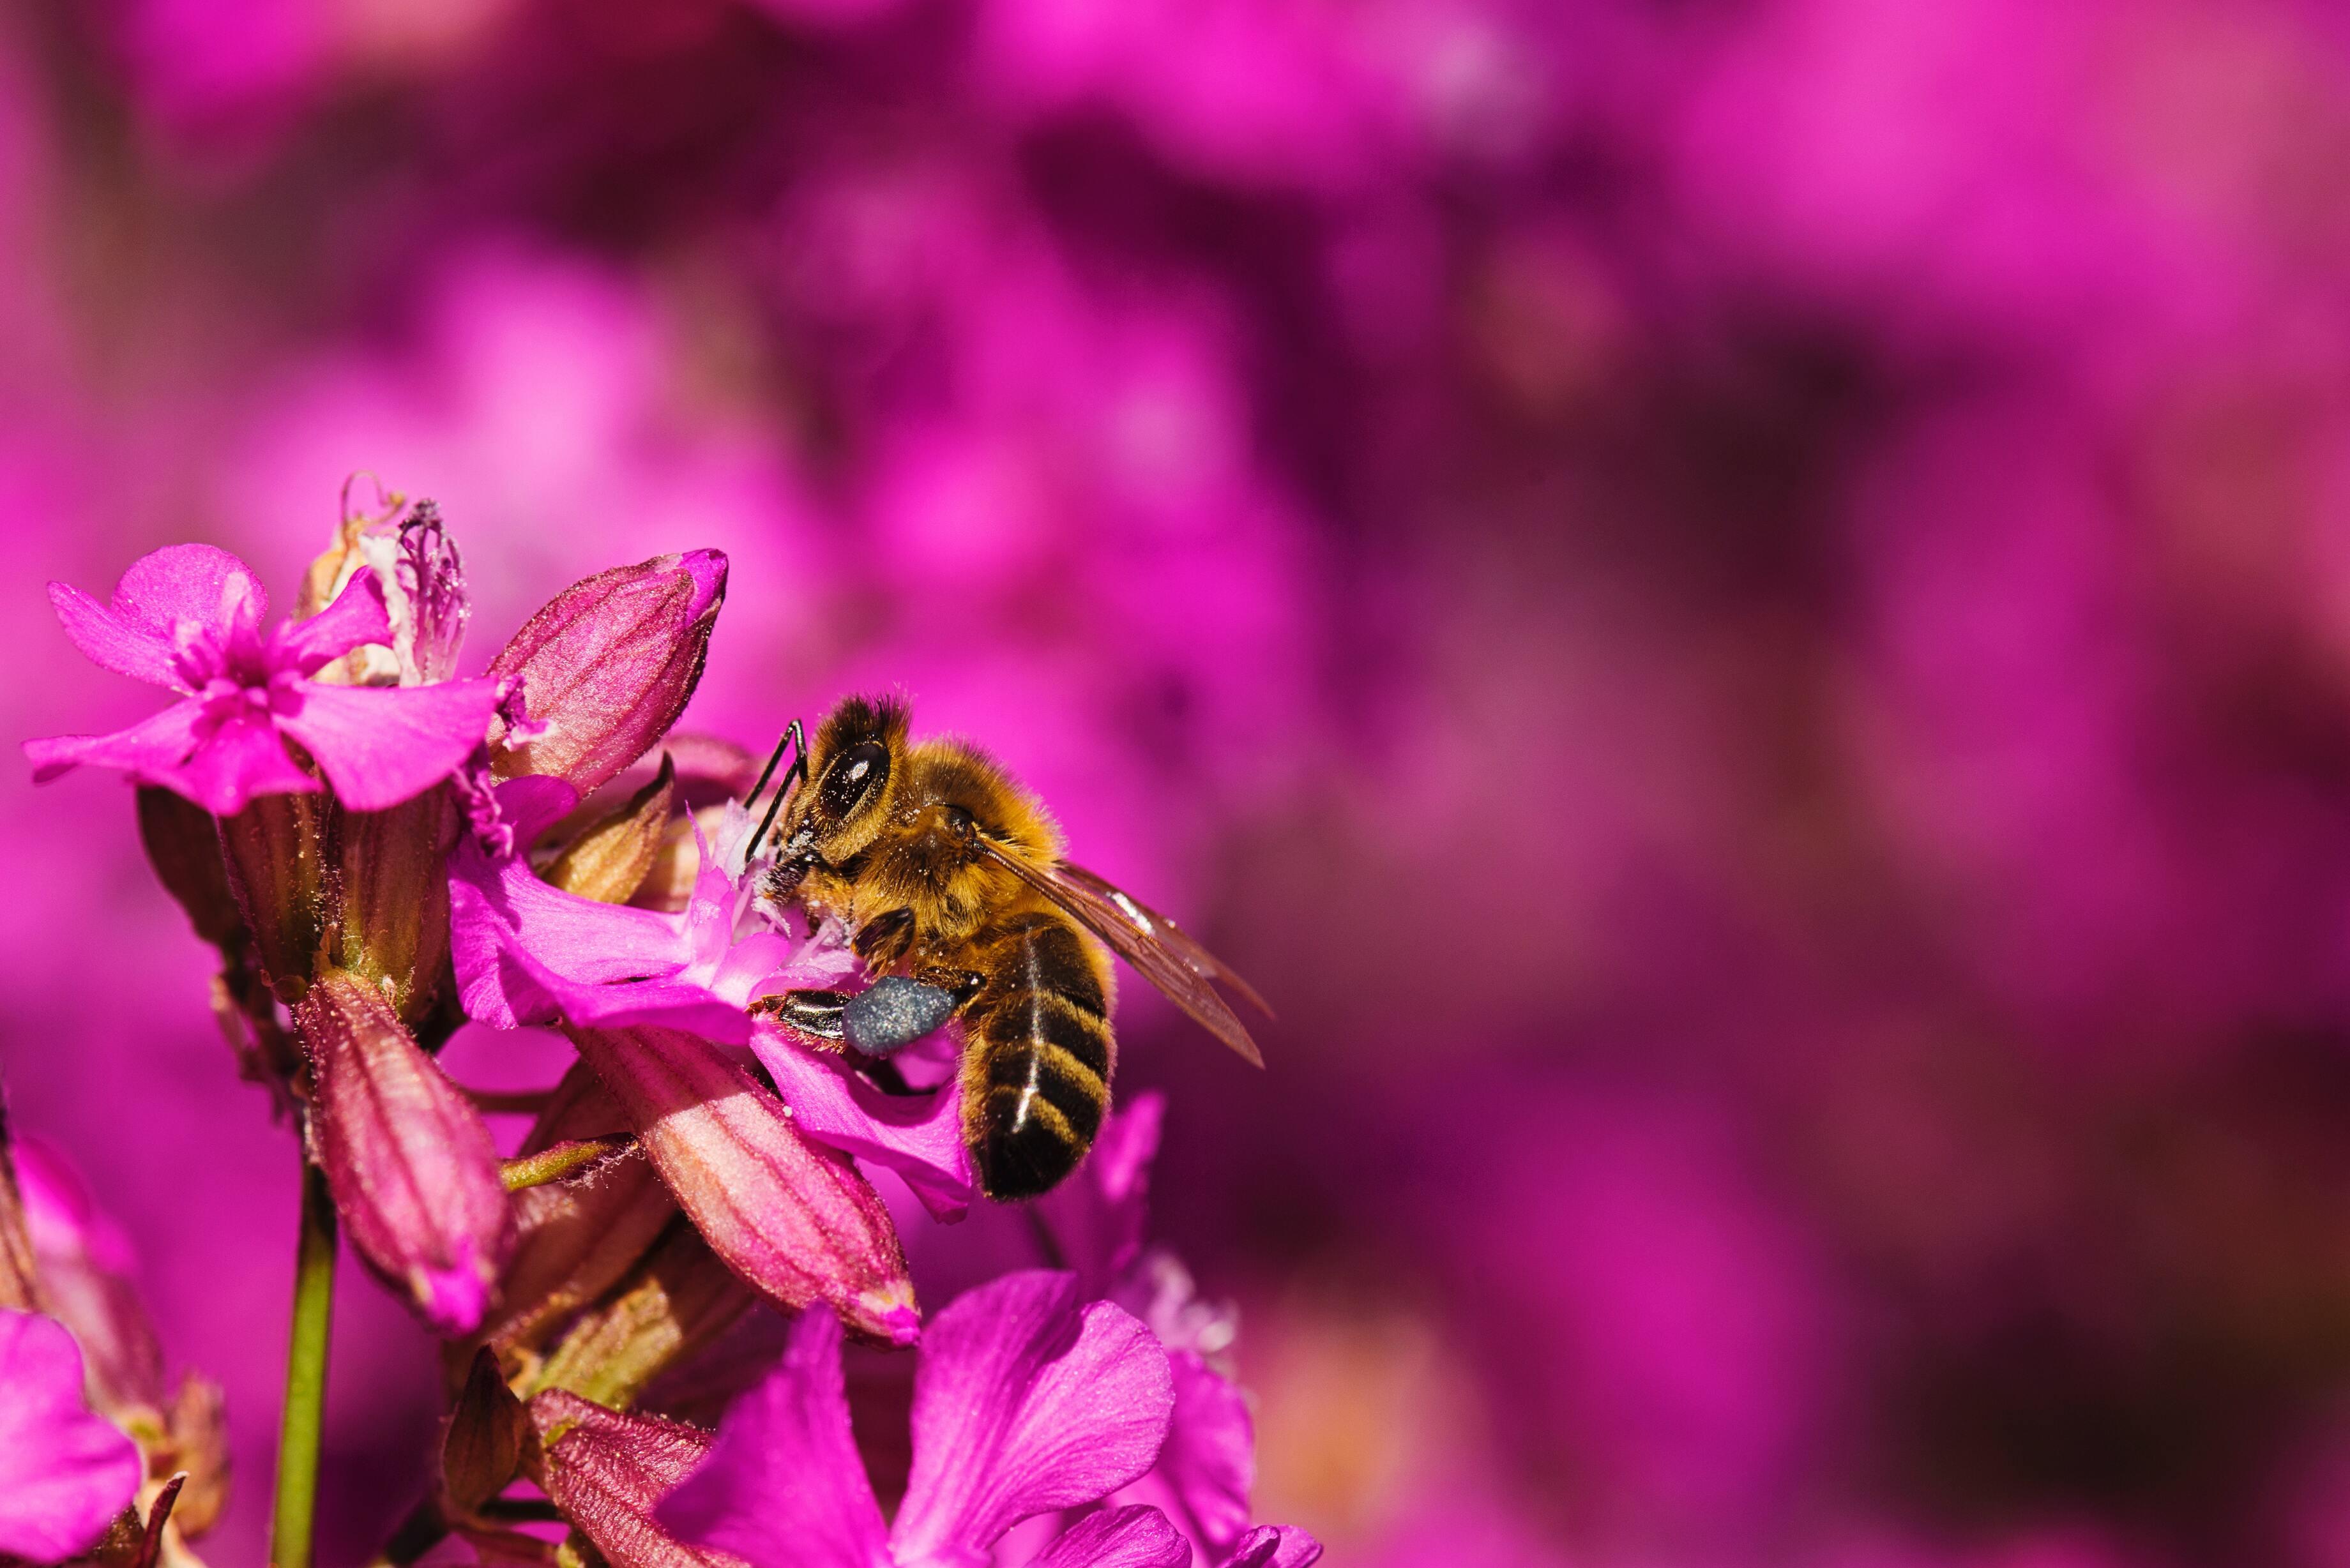 Hình ảnh con ong hút mật hoa đẹp